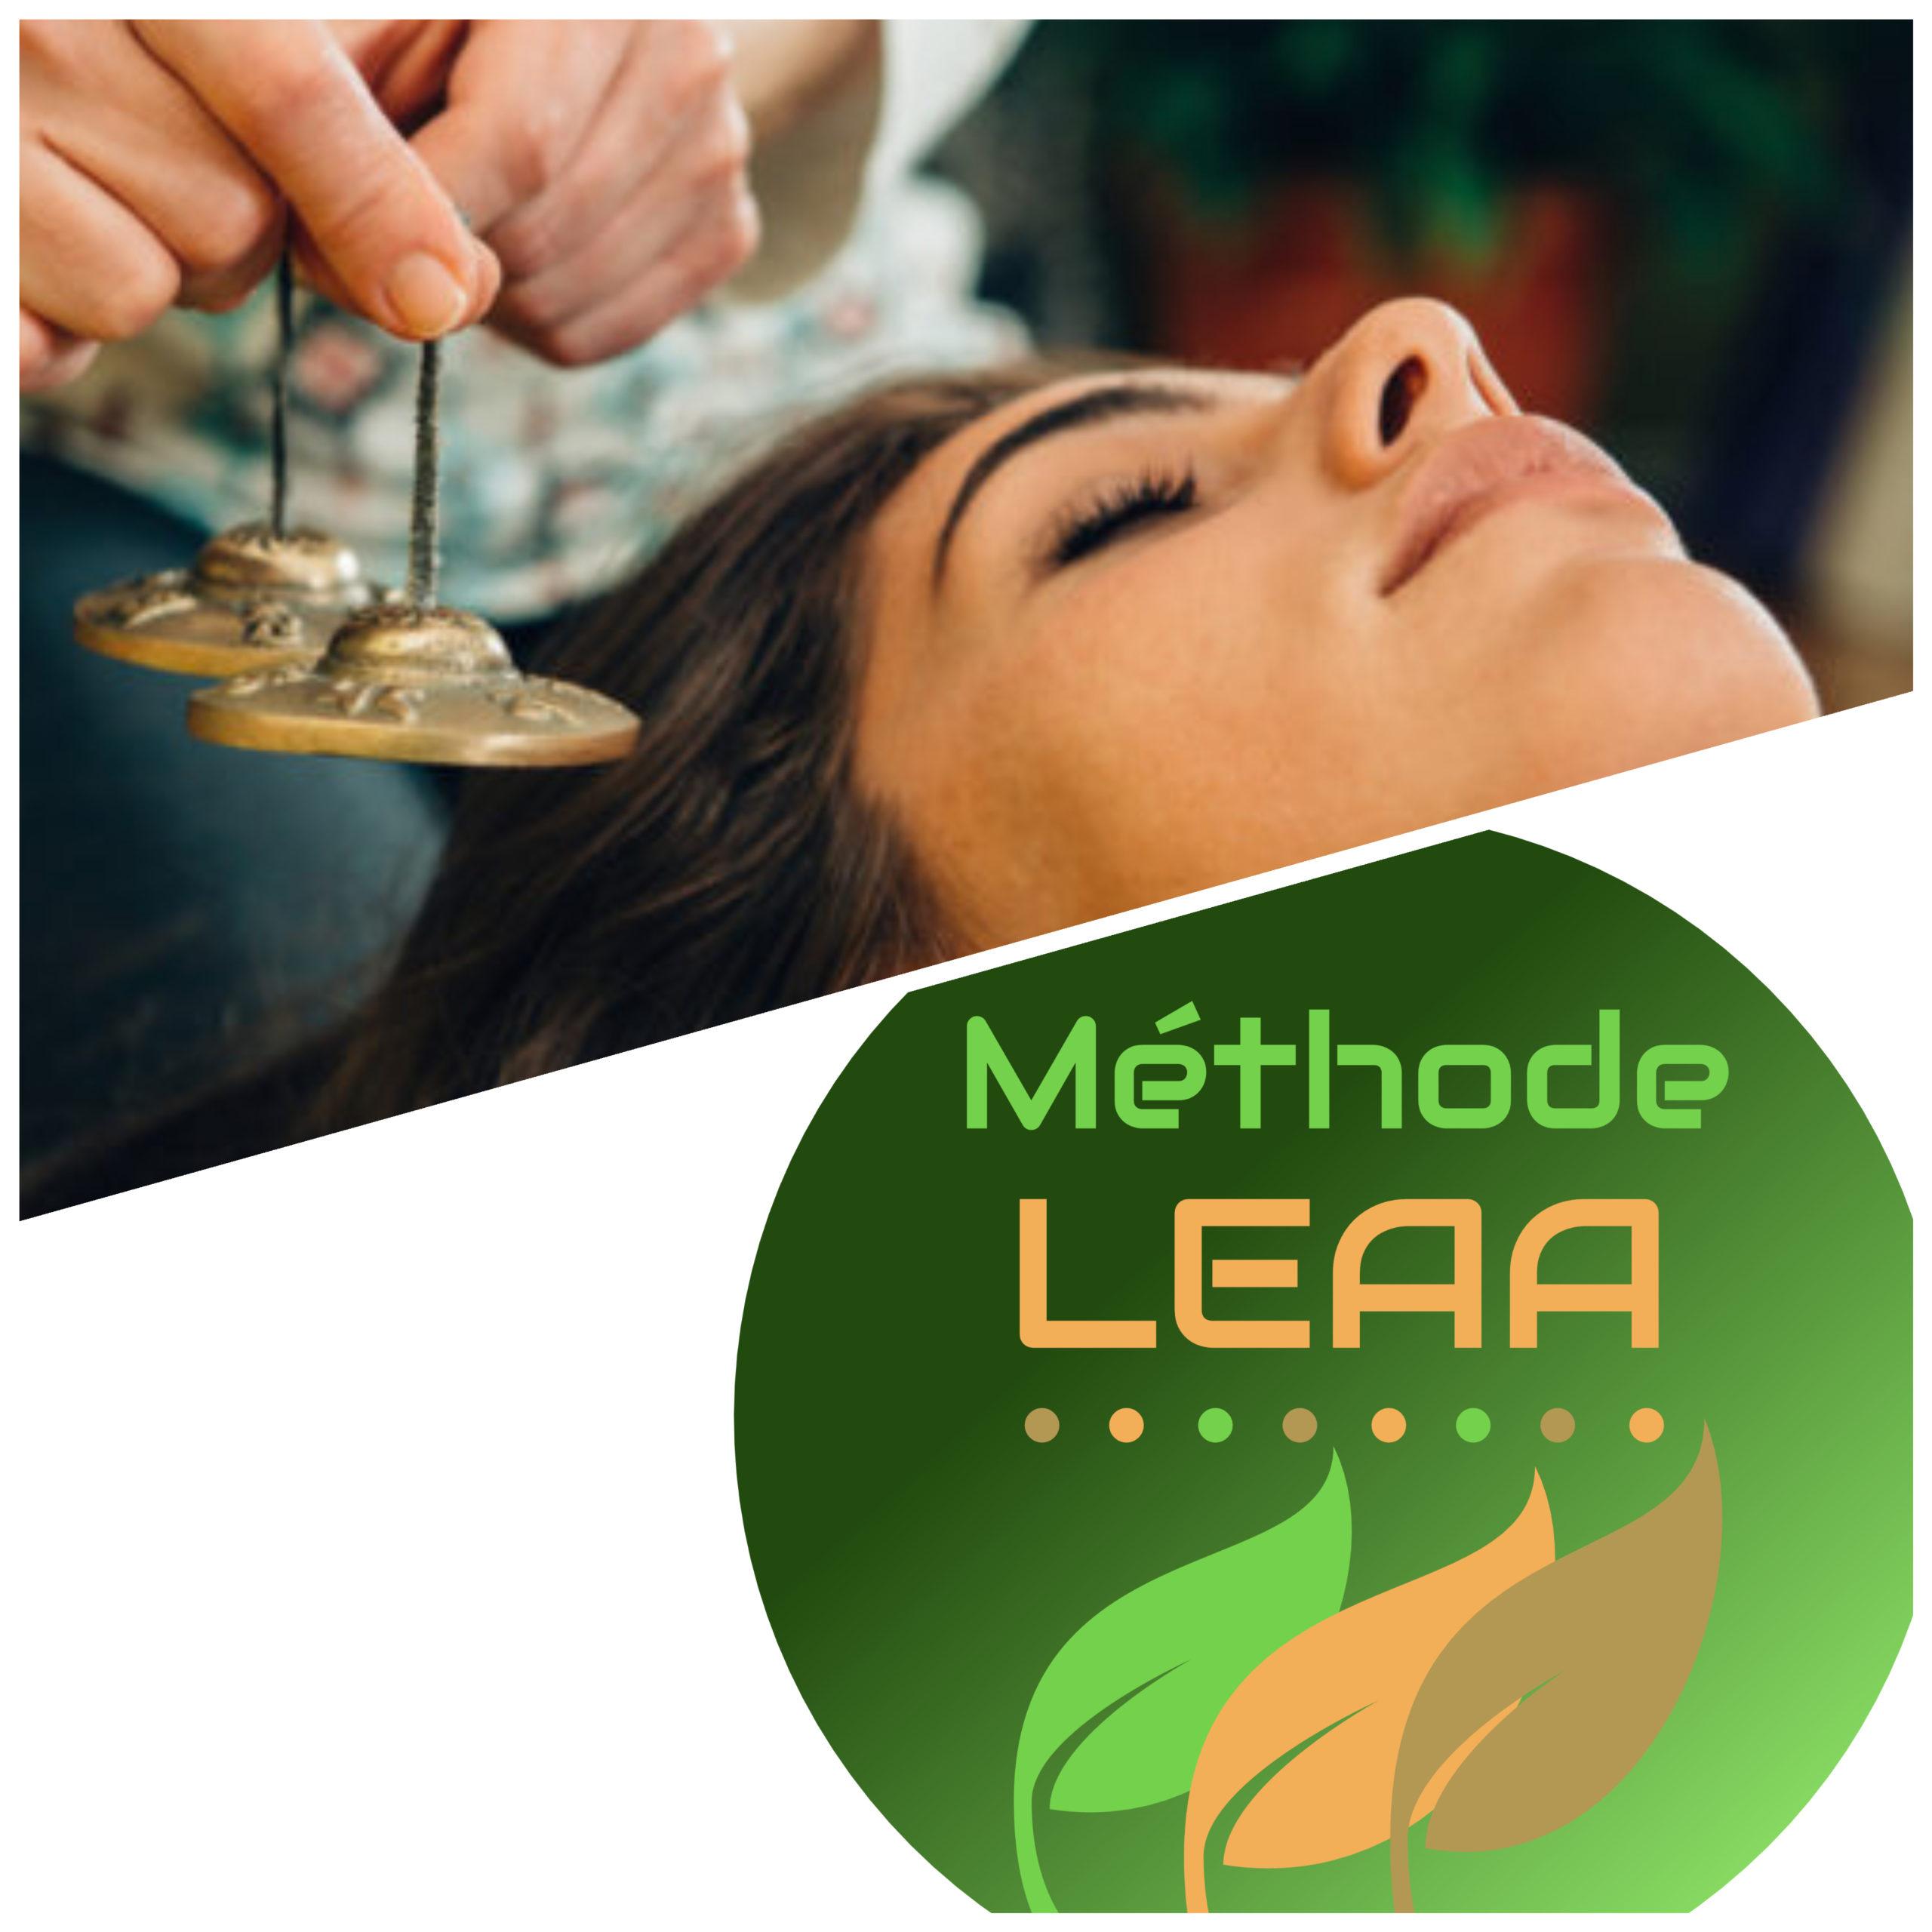 Méthode LEAA en Meuse